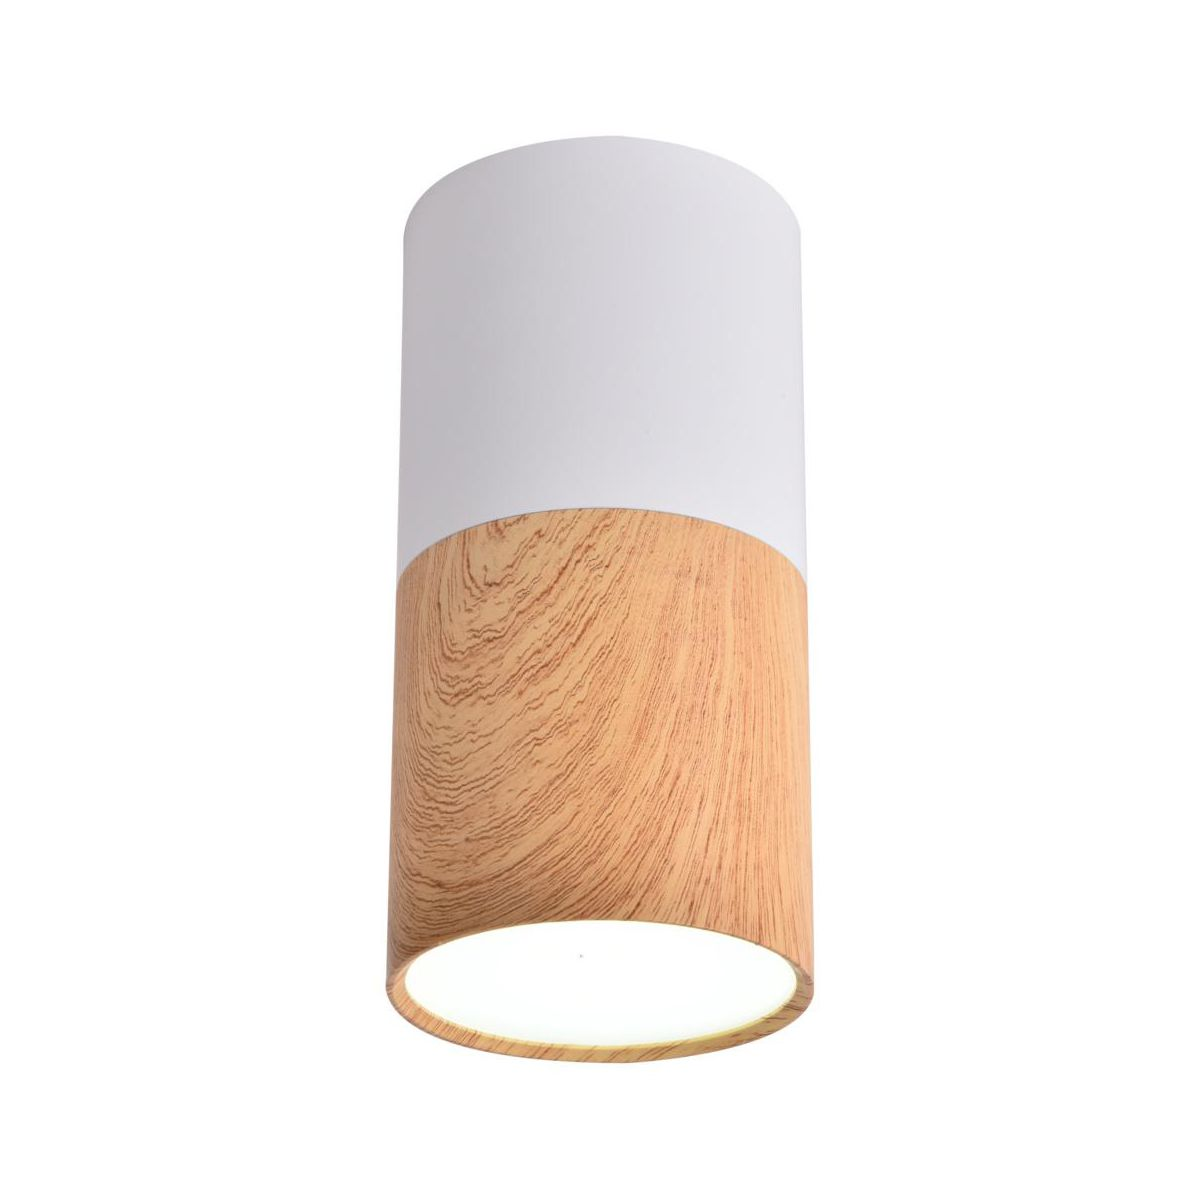 Oprawa natynkowa TUBA IP20 śr. 5.8 cm biało drewniana LED CANDELLUX